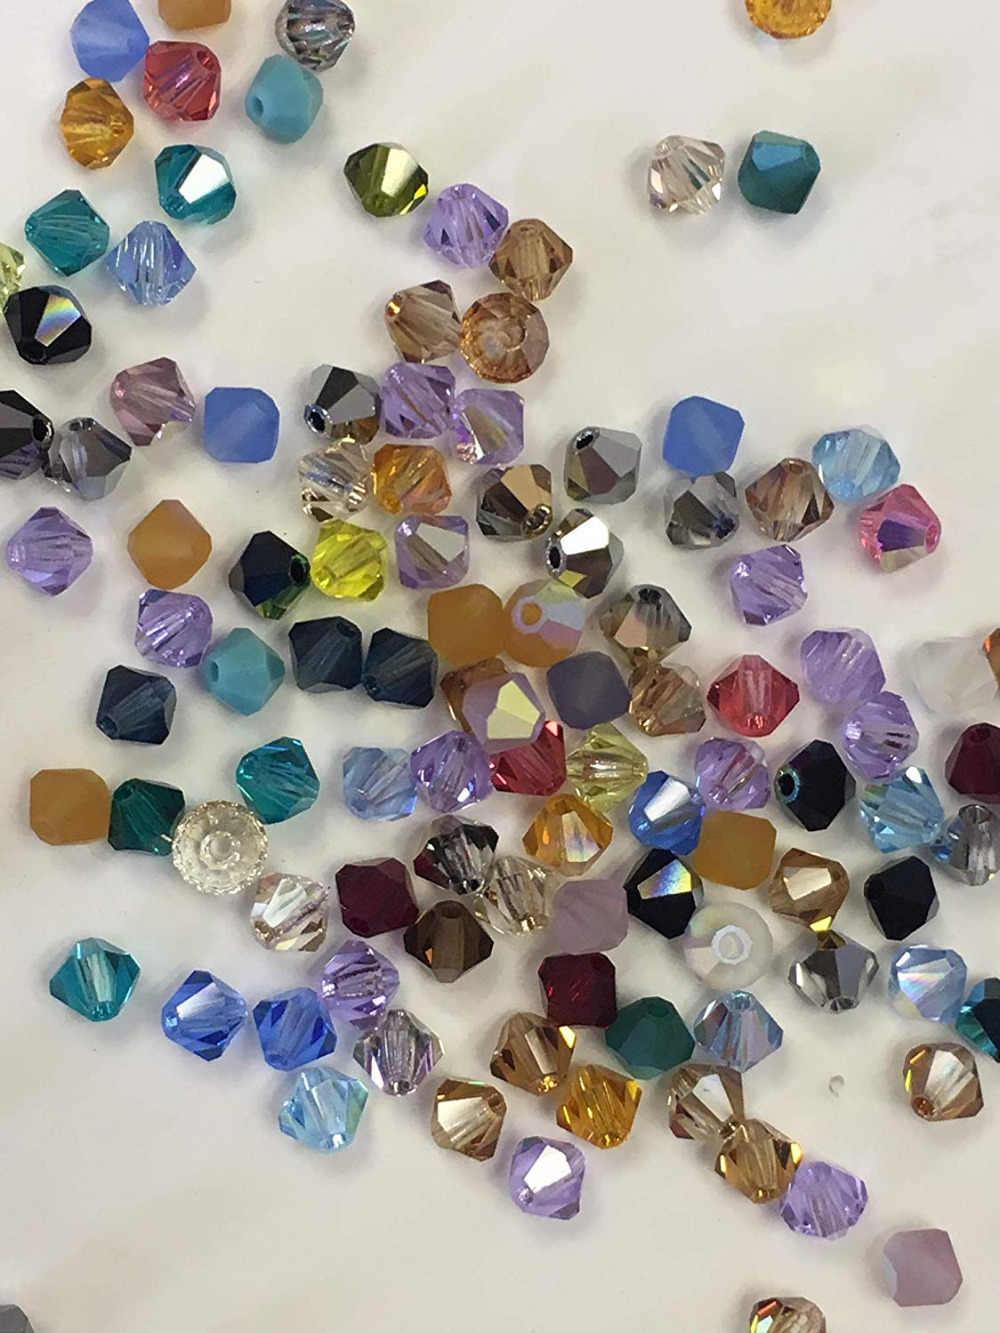 BEAUCHAMP 4mm Kristall Perlen Doppelkegel Perlen Für Schmuck Machen Halskette Quaste Ohrringe Armband Bogen Knoten Erkenntnisse Verschiedene Farbe